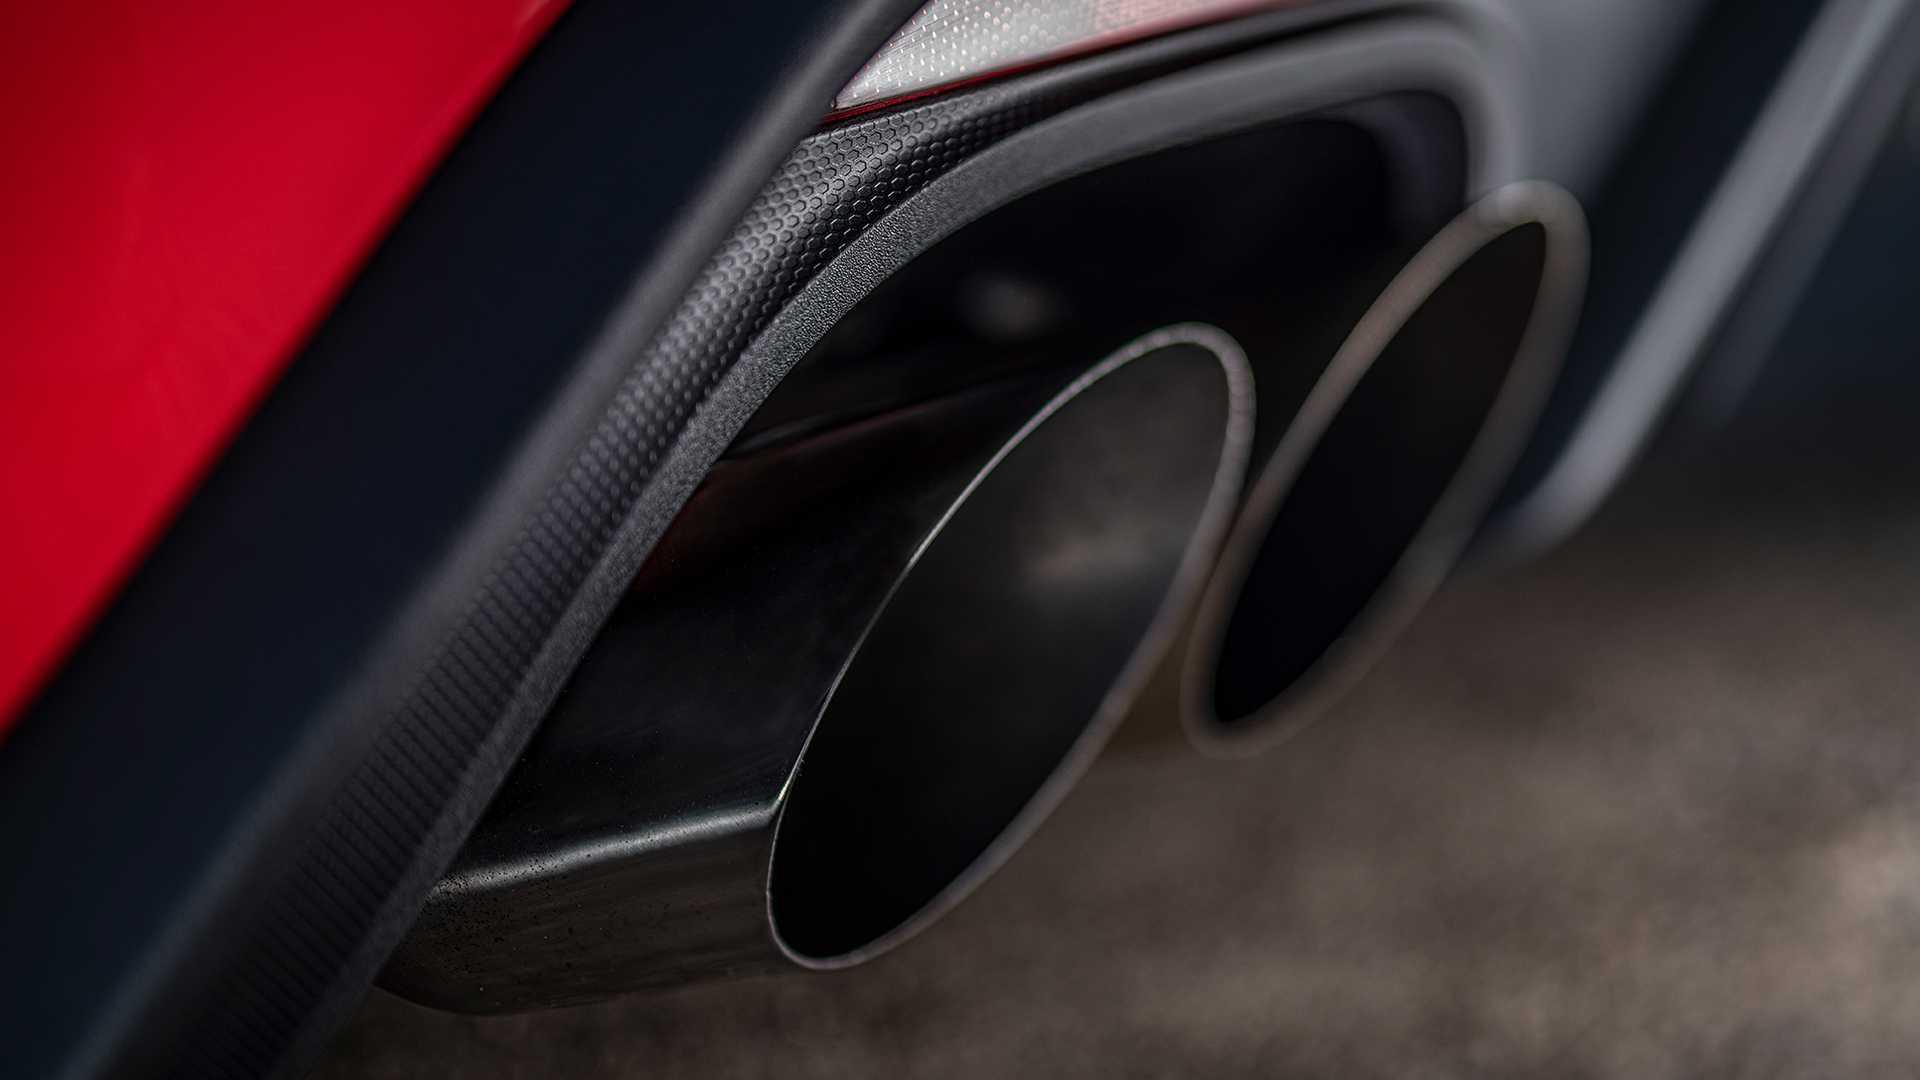 Ford Mustang được nâng cấp với gói độ mạnh mẽ hơn 700 mã lực Ảnh 6